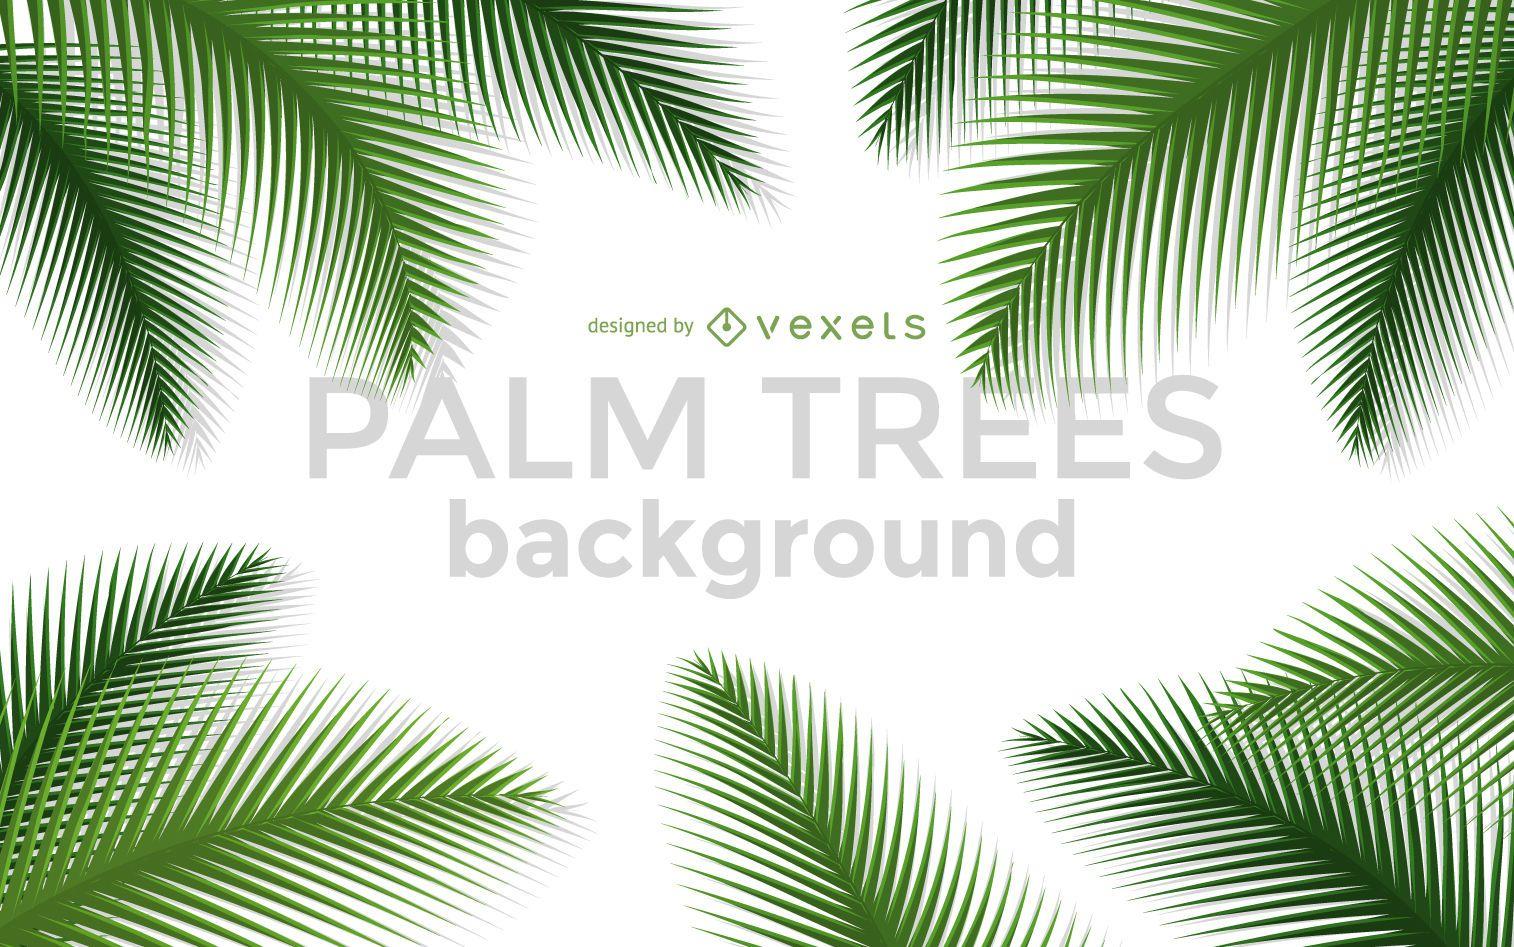 Marco de fondo de palmeras - Descargar vector